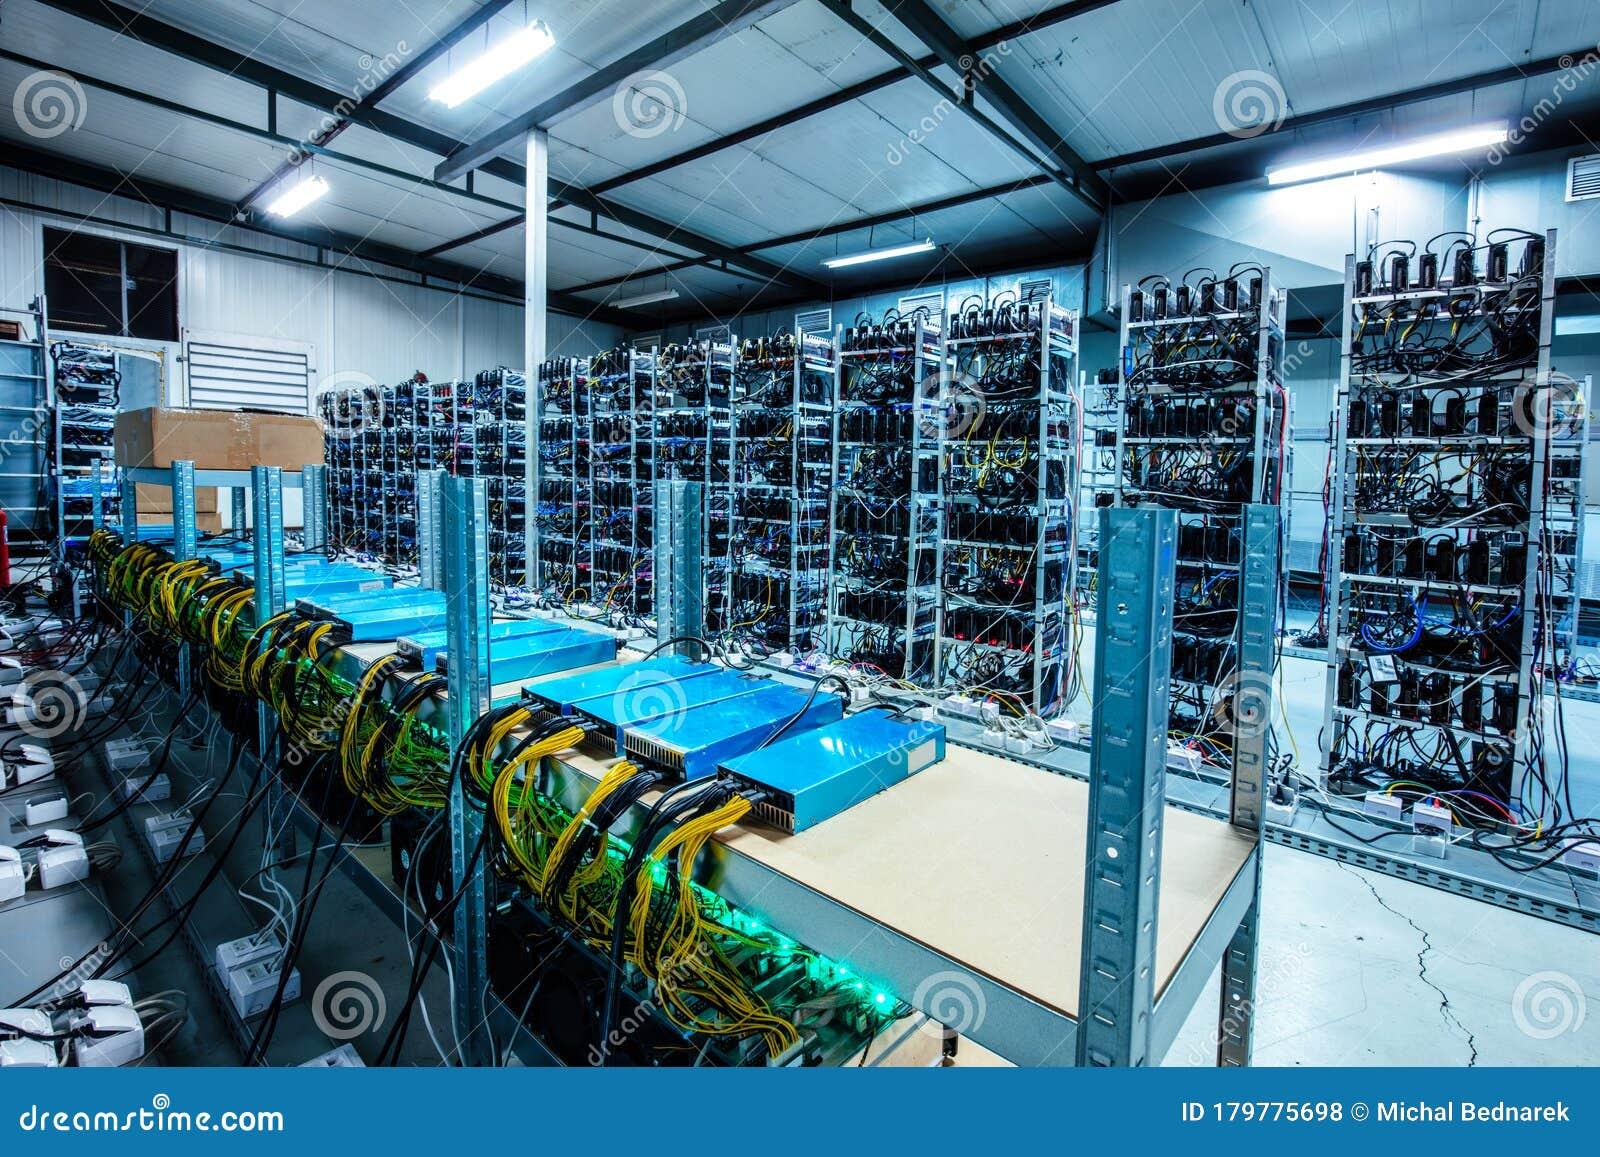 Bitcoin And Crypto Mining Farm. Big Data Center Stock Photo - Image of farm, bitcoin: 179775698